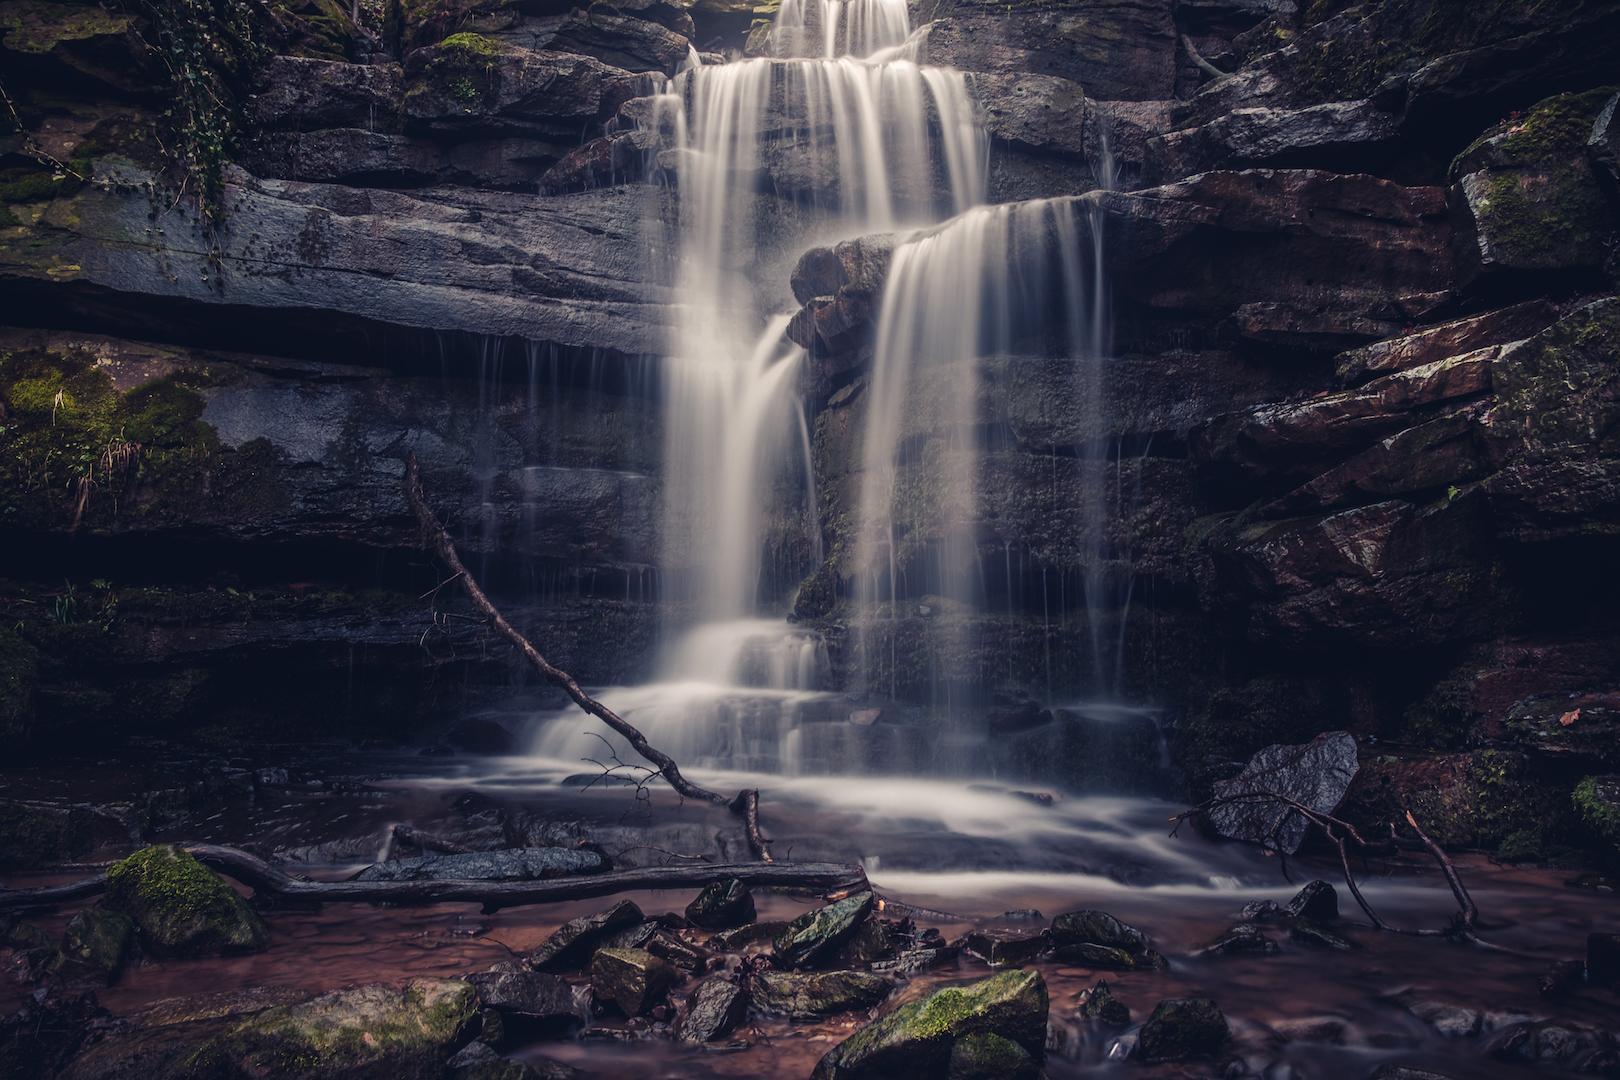 16 kỳ quan thác nước tuyệt đẹp trên khắp thế gian - Ảnh 5.